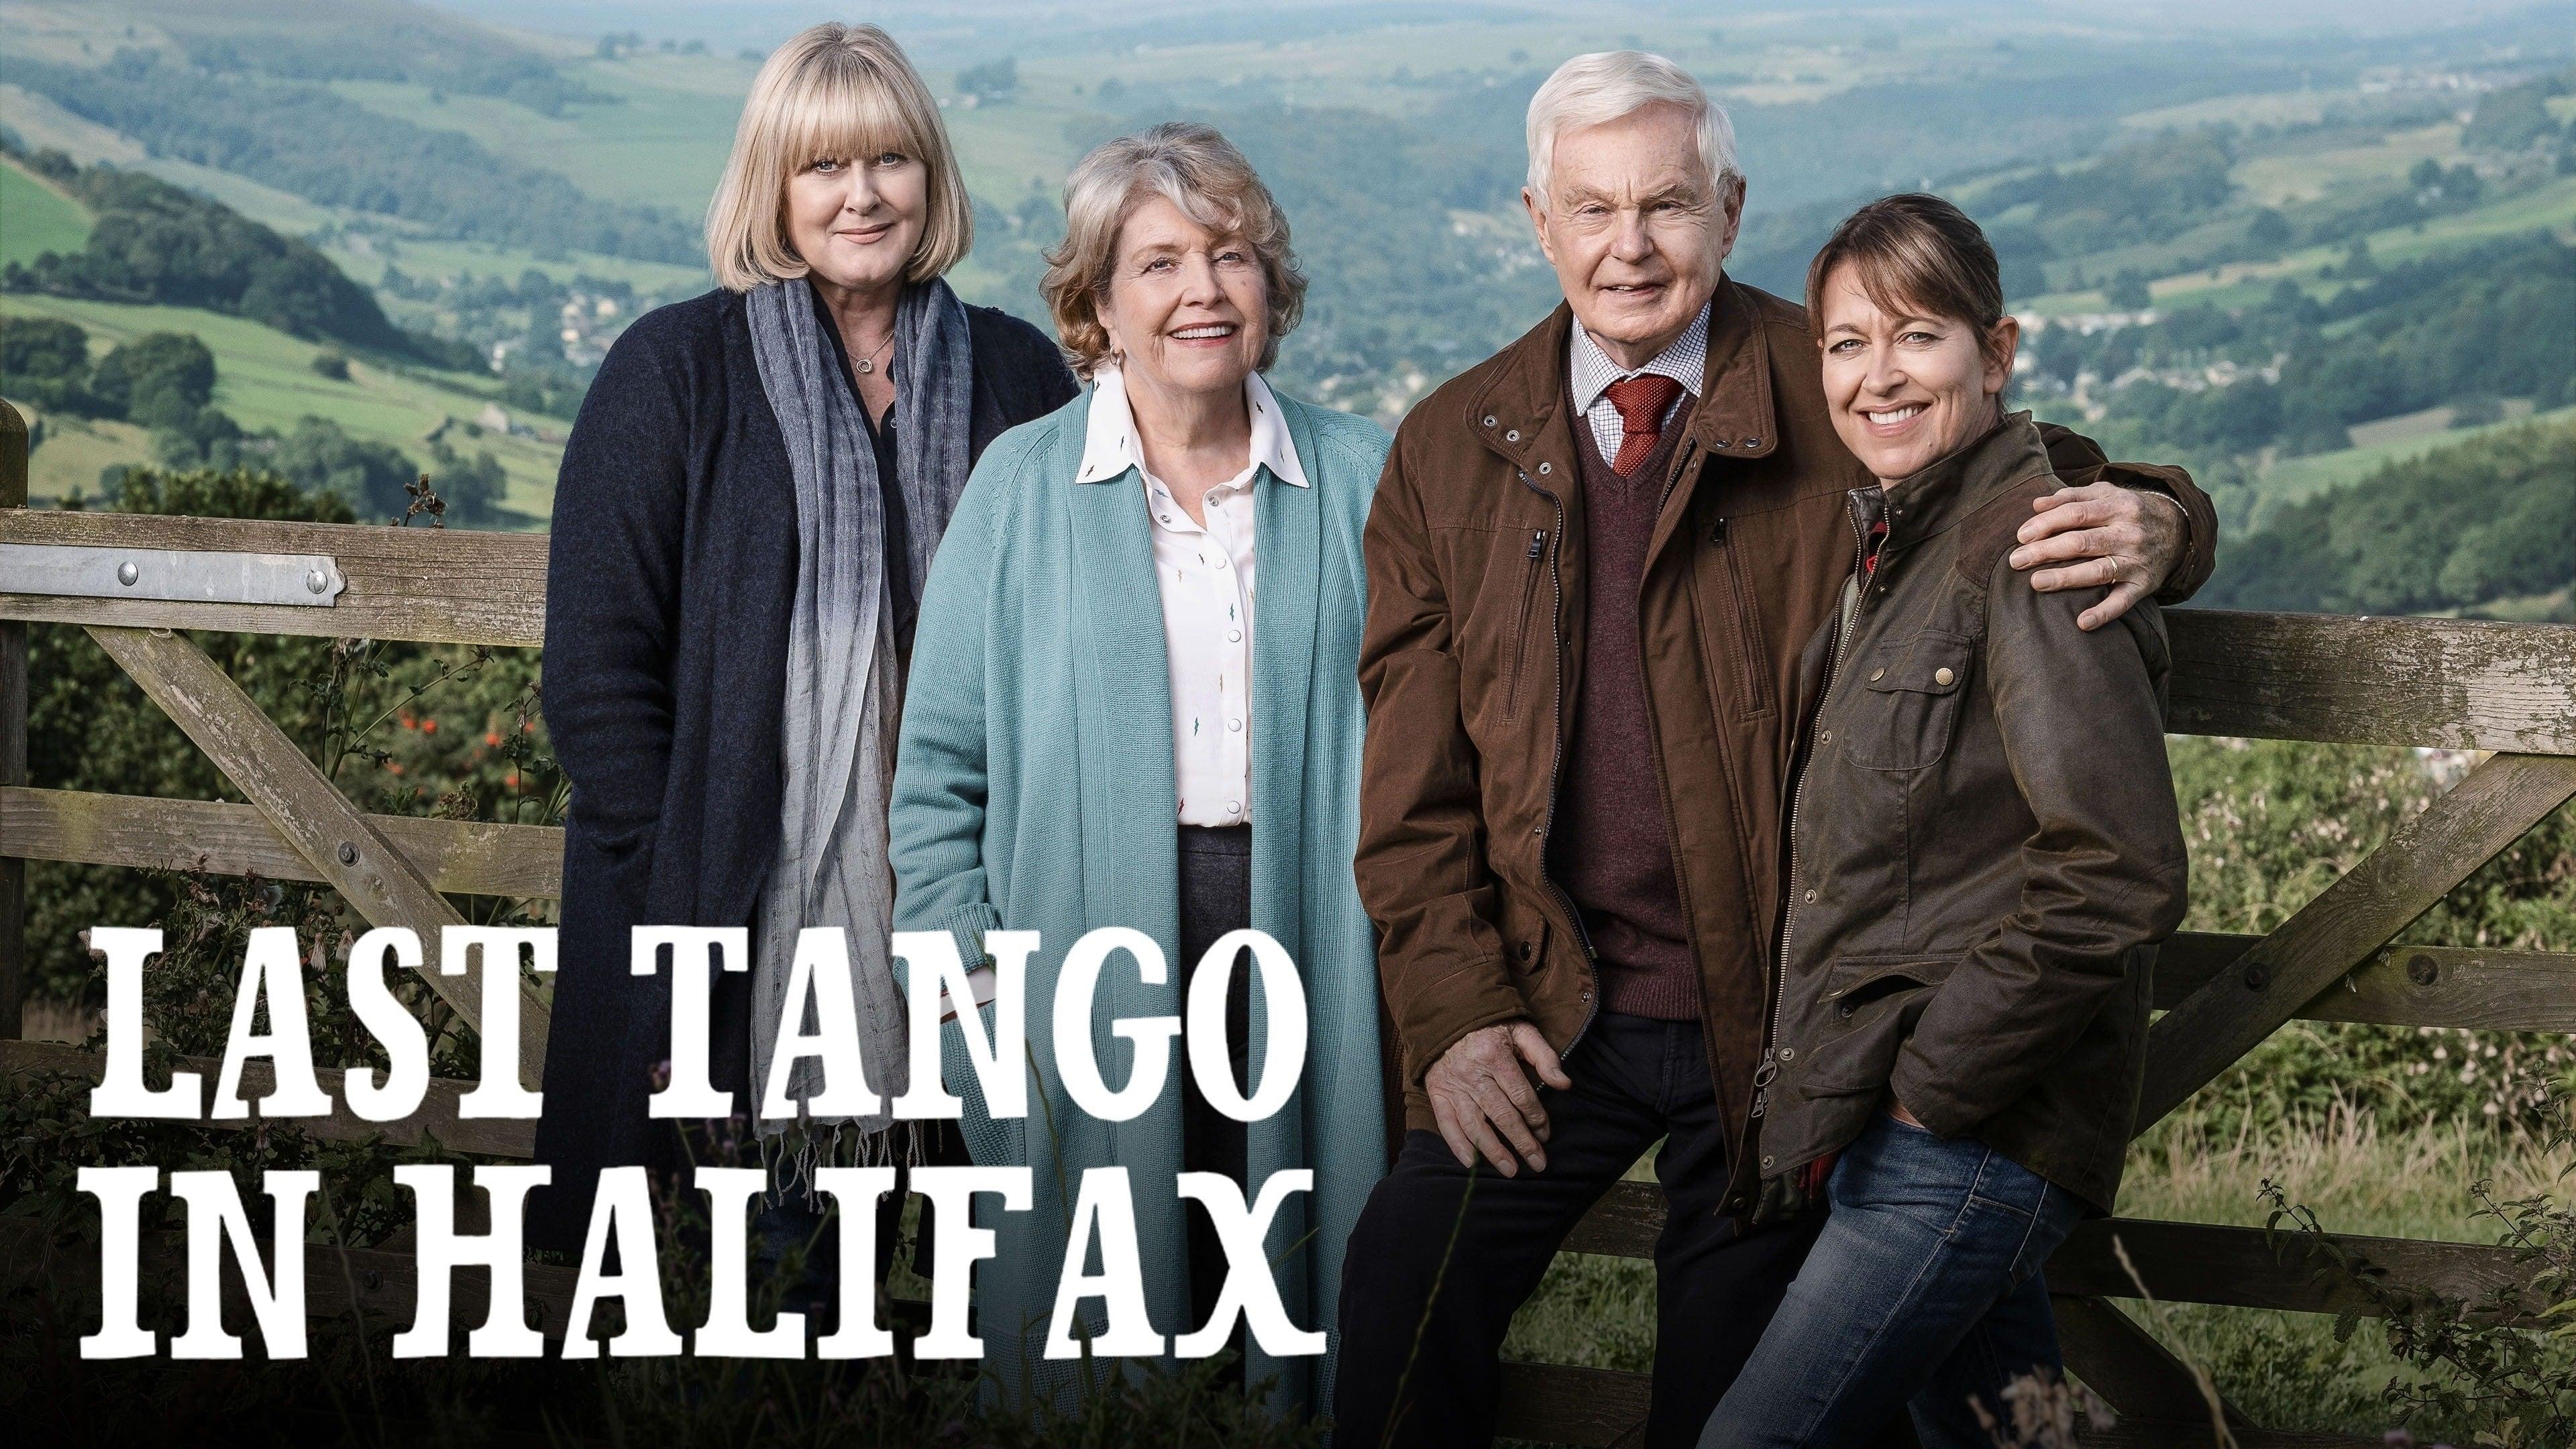 Maak kans op het vierde en vijfde seizoen van Last Tango In Halifax